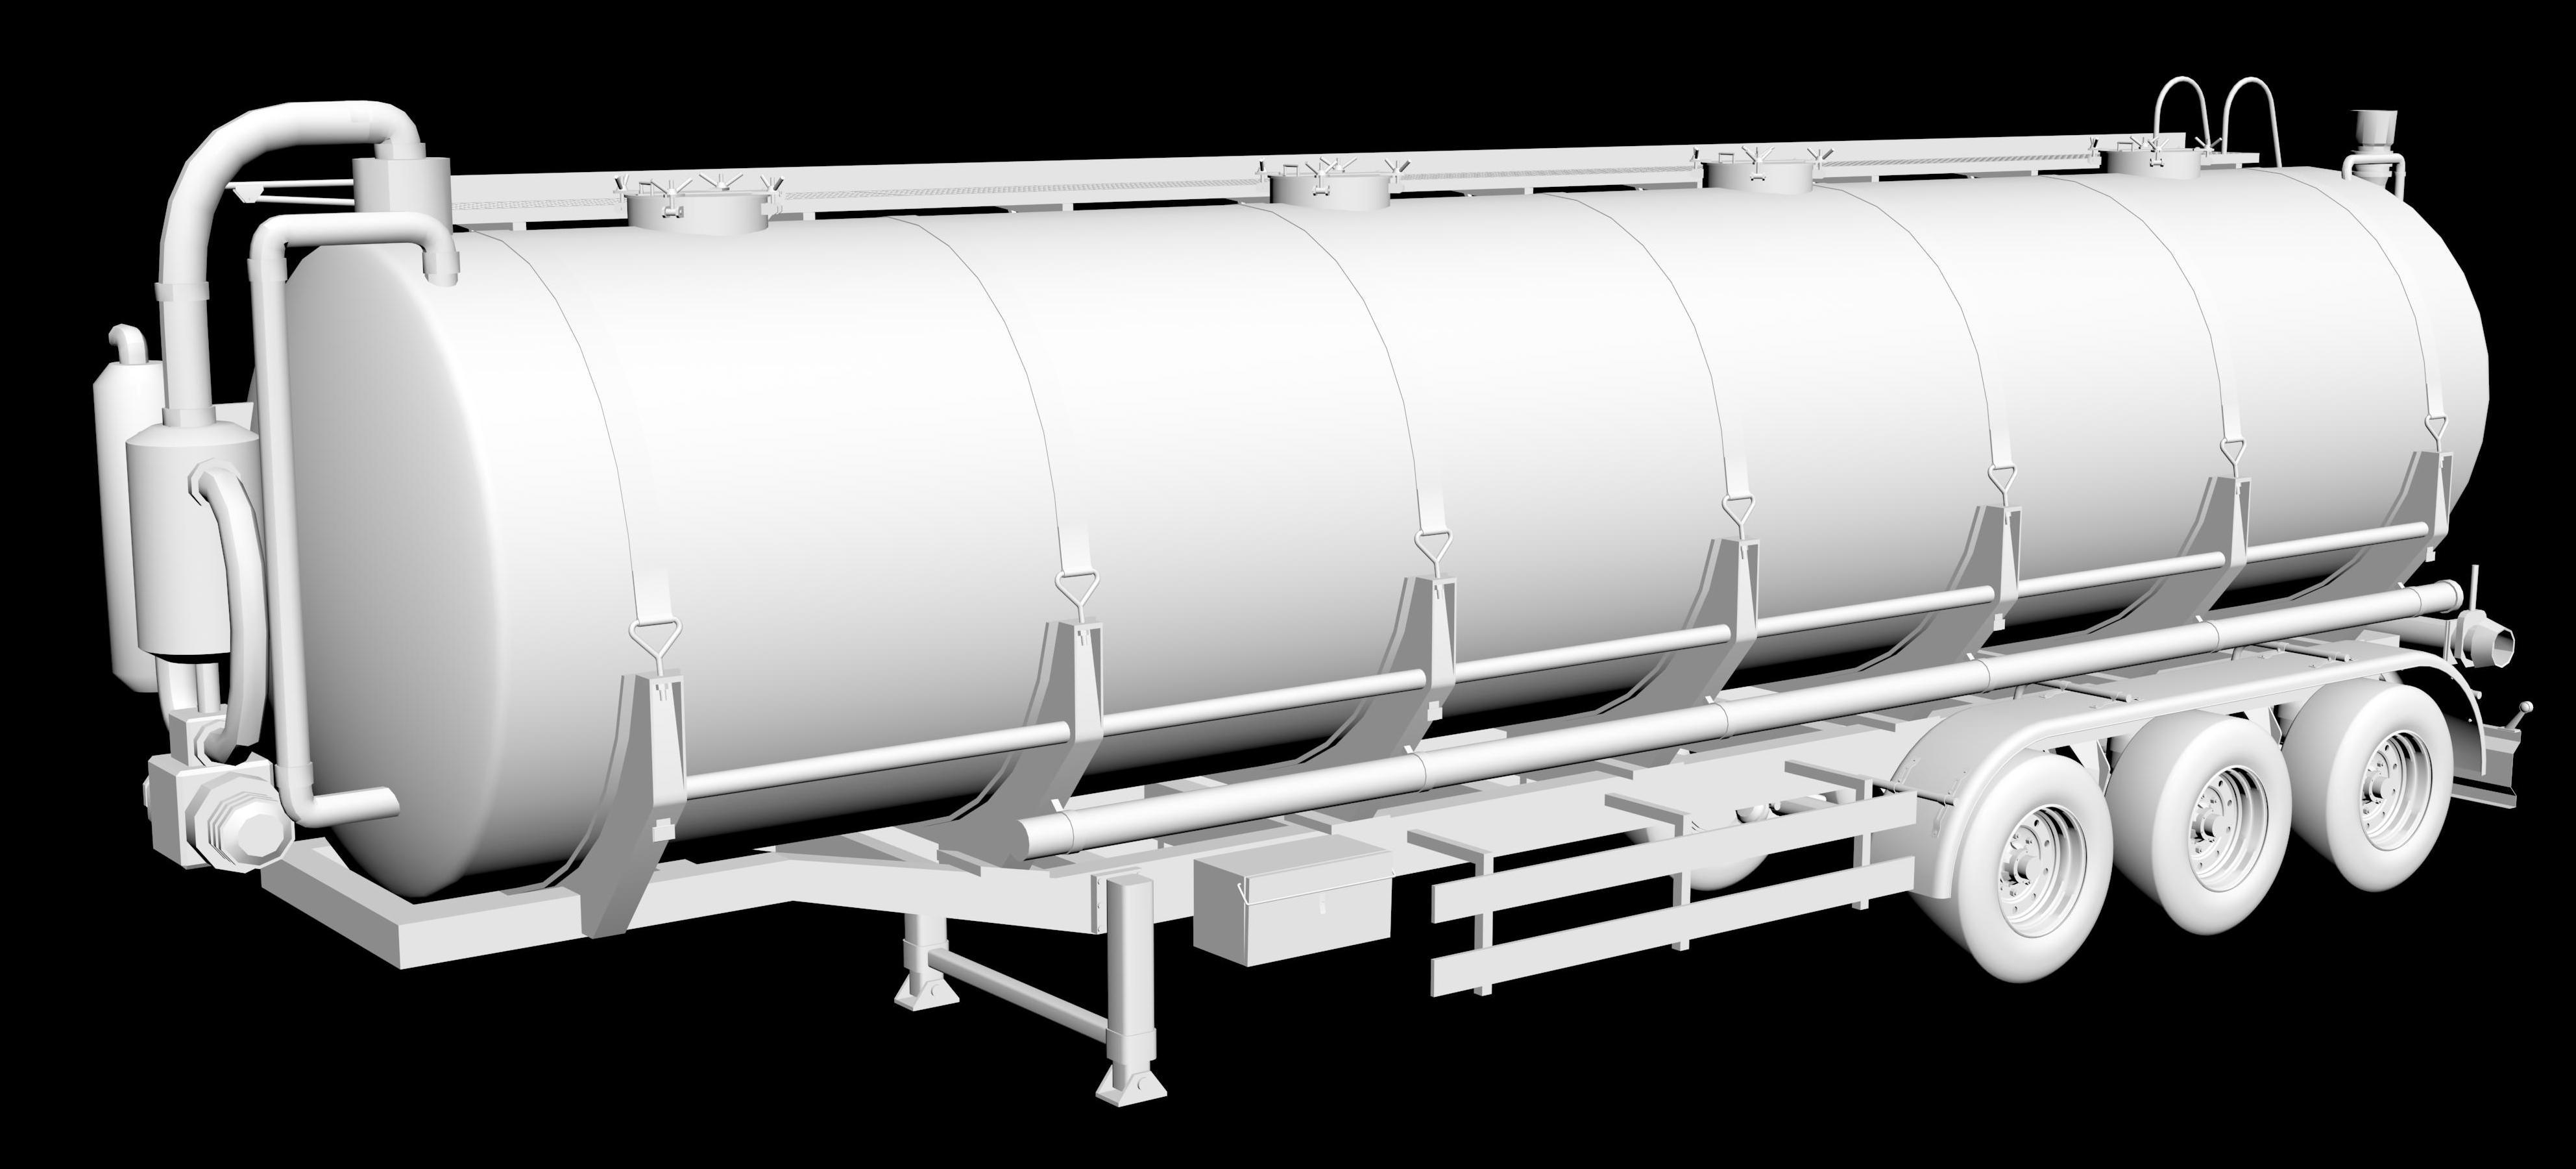 [Encuesta][T.E.P.] Proyecto Aguas Tenias (22 modelos + 1 Camión) [Terminado 21-4-2014]. - Página 5 586heuu